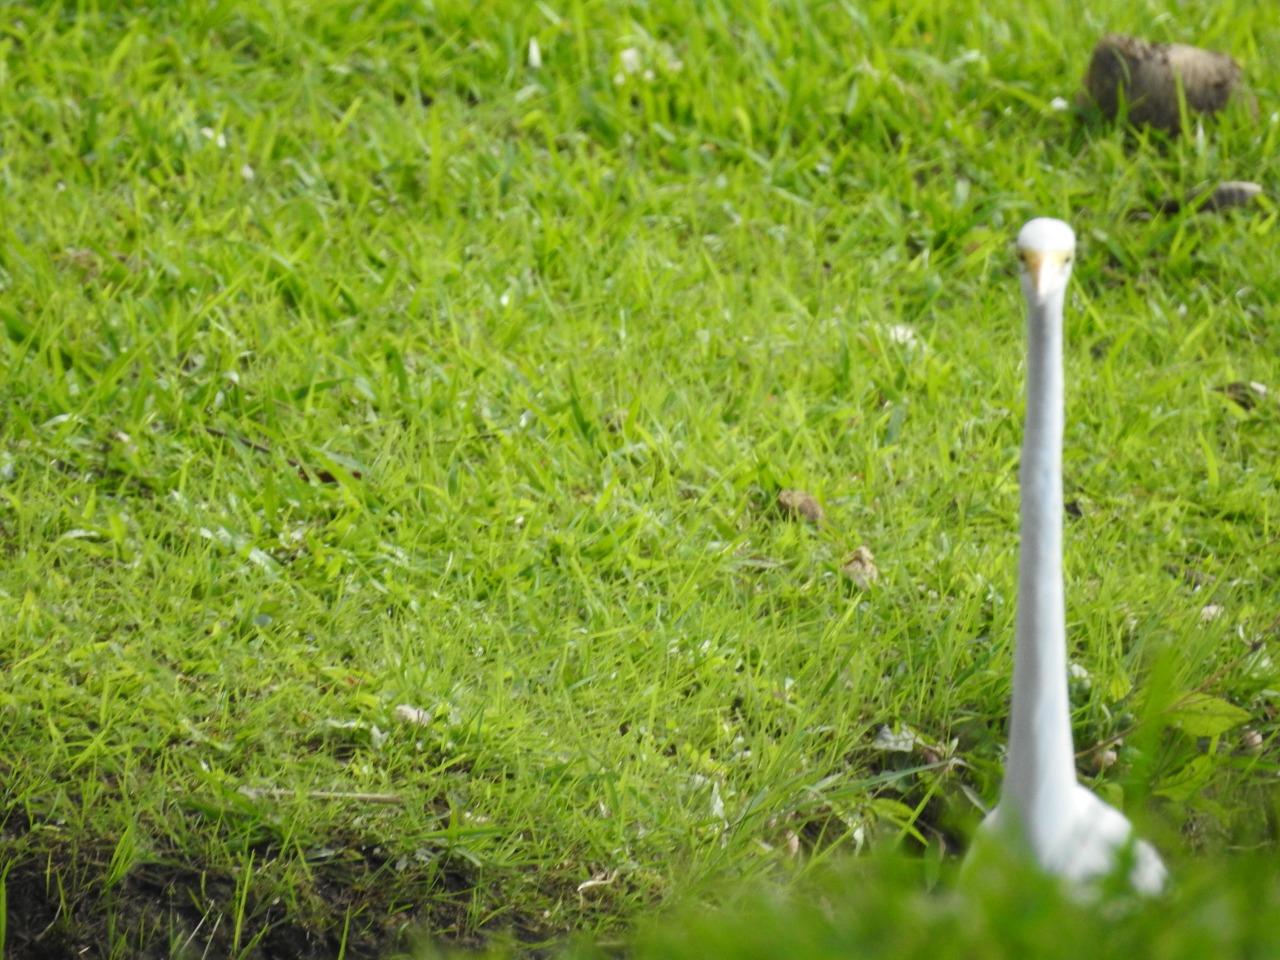 Animais aproveitam a Lagoa em BH, Enzilimp